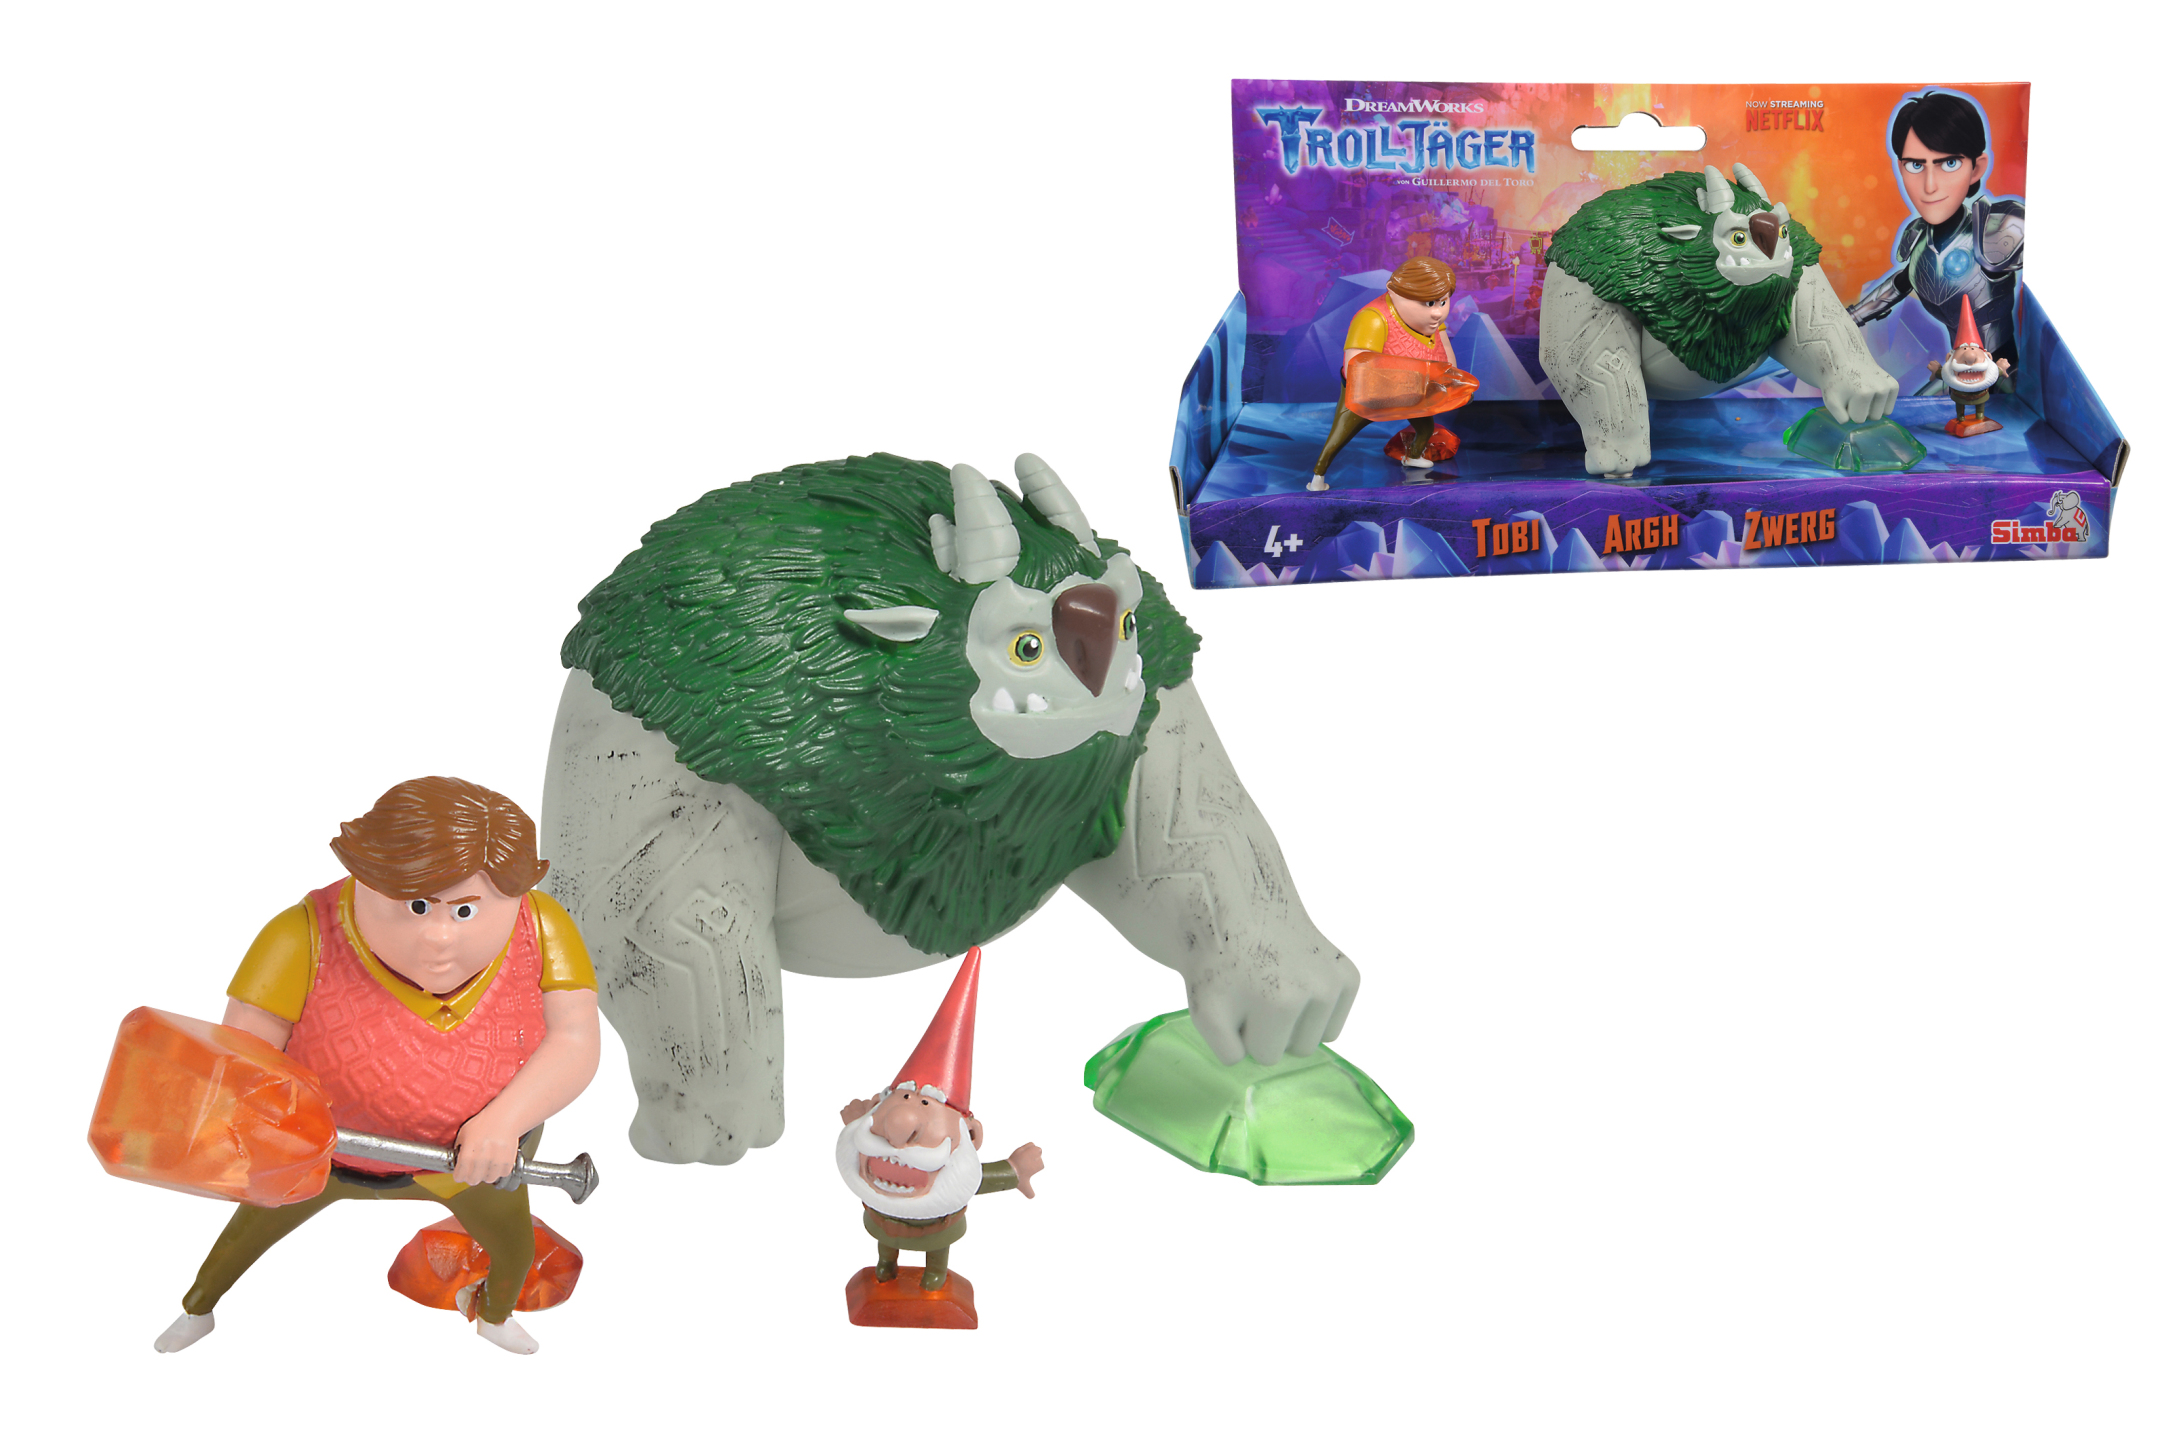 Trolljäger 3er Figurenset - Toby